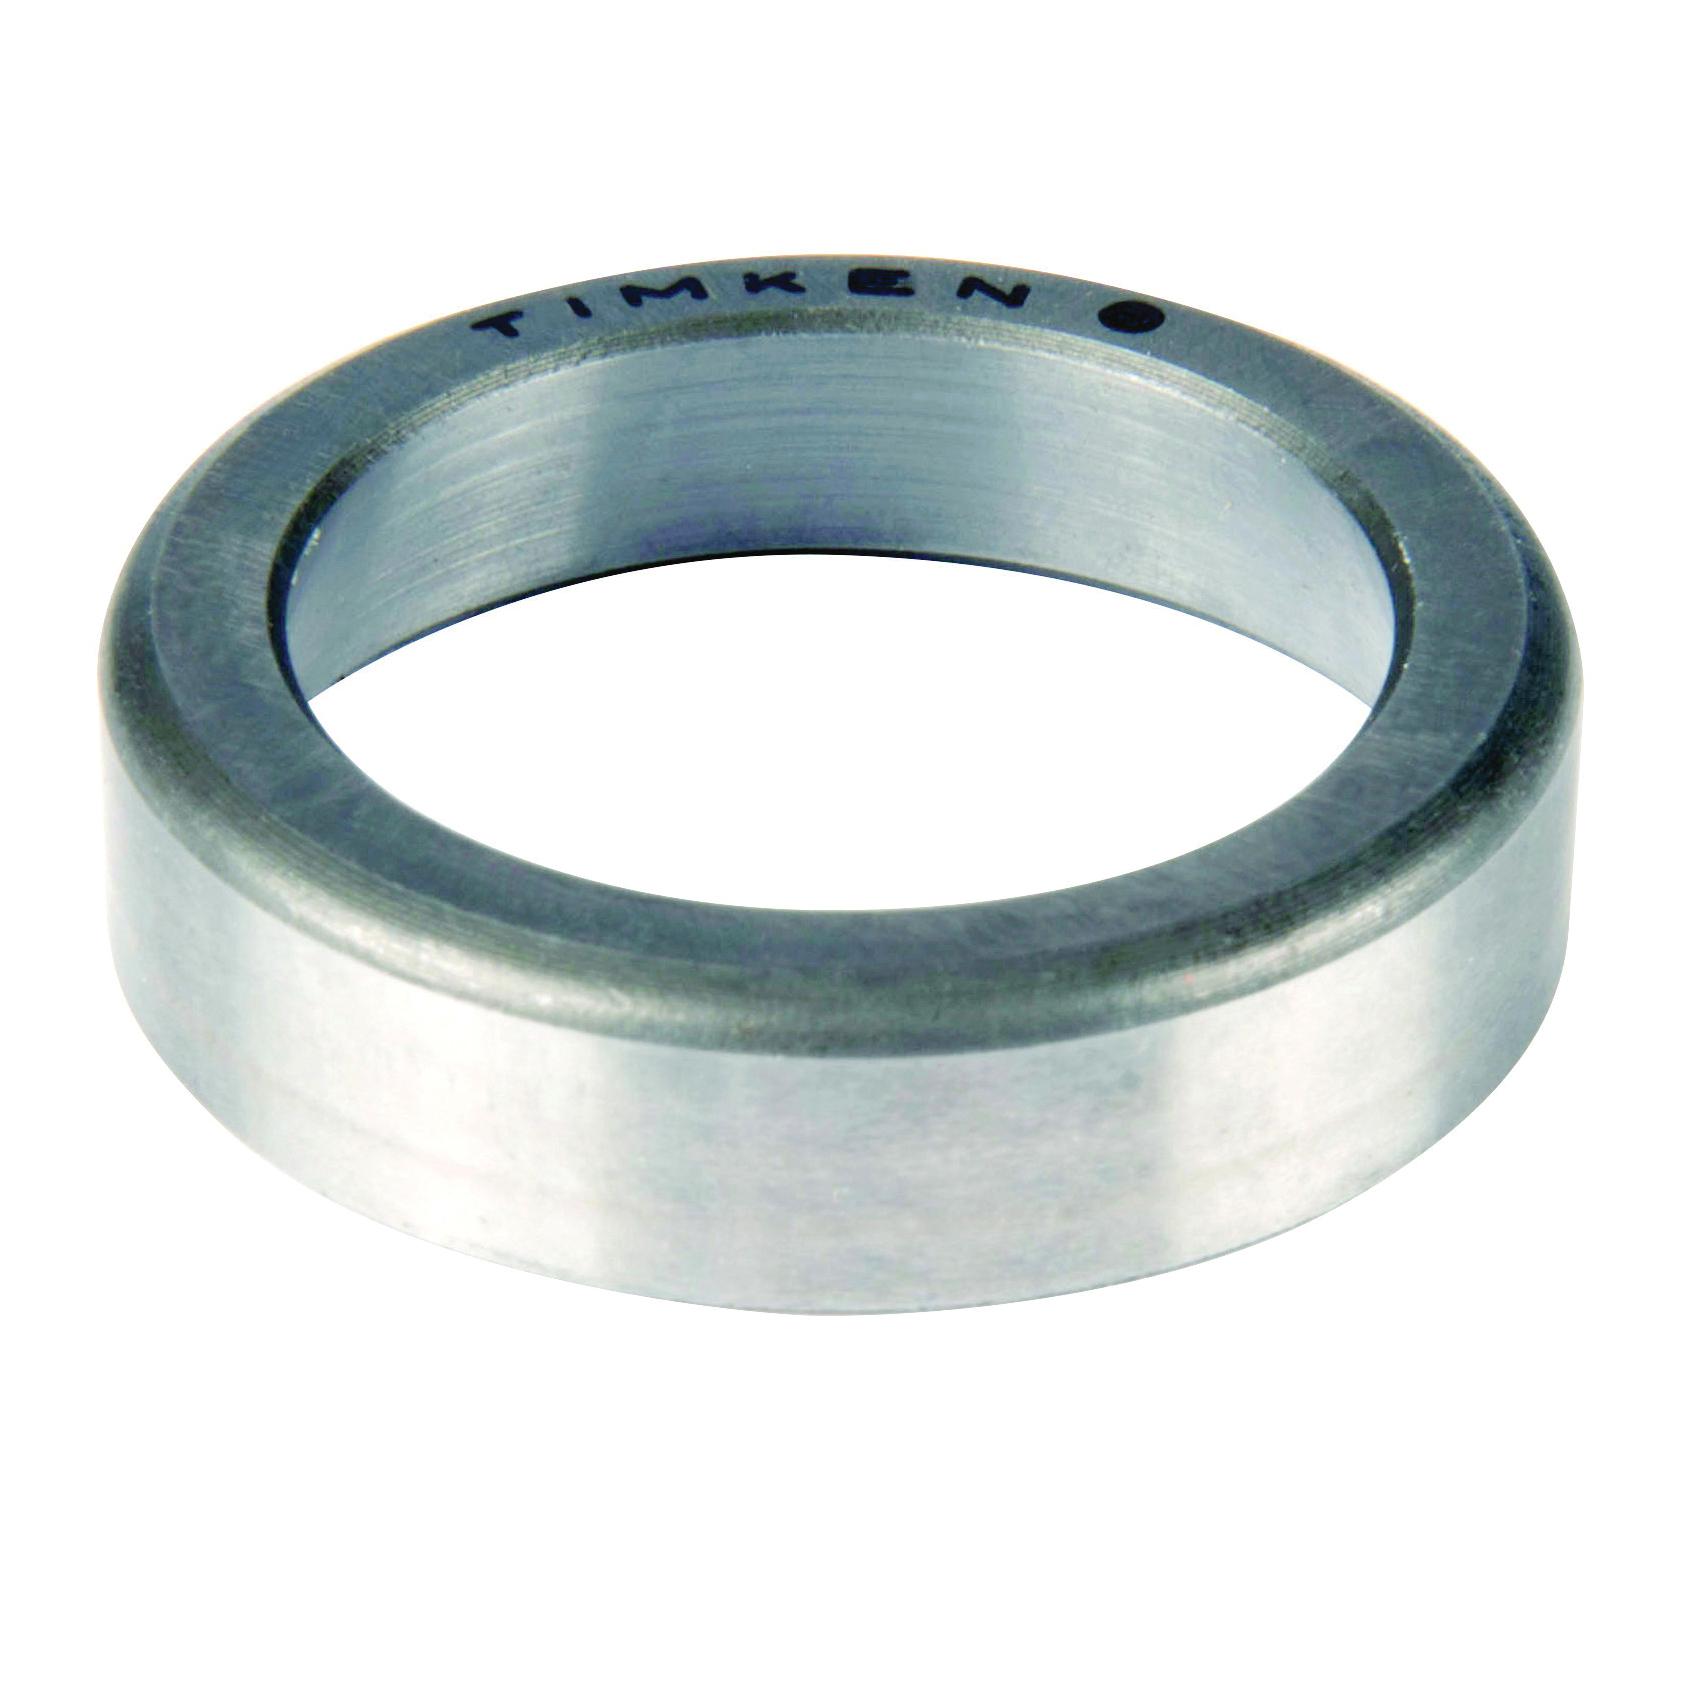 Timken® LL537610-20N07